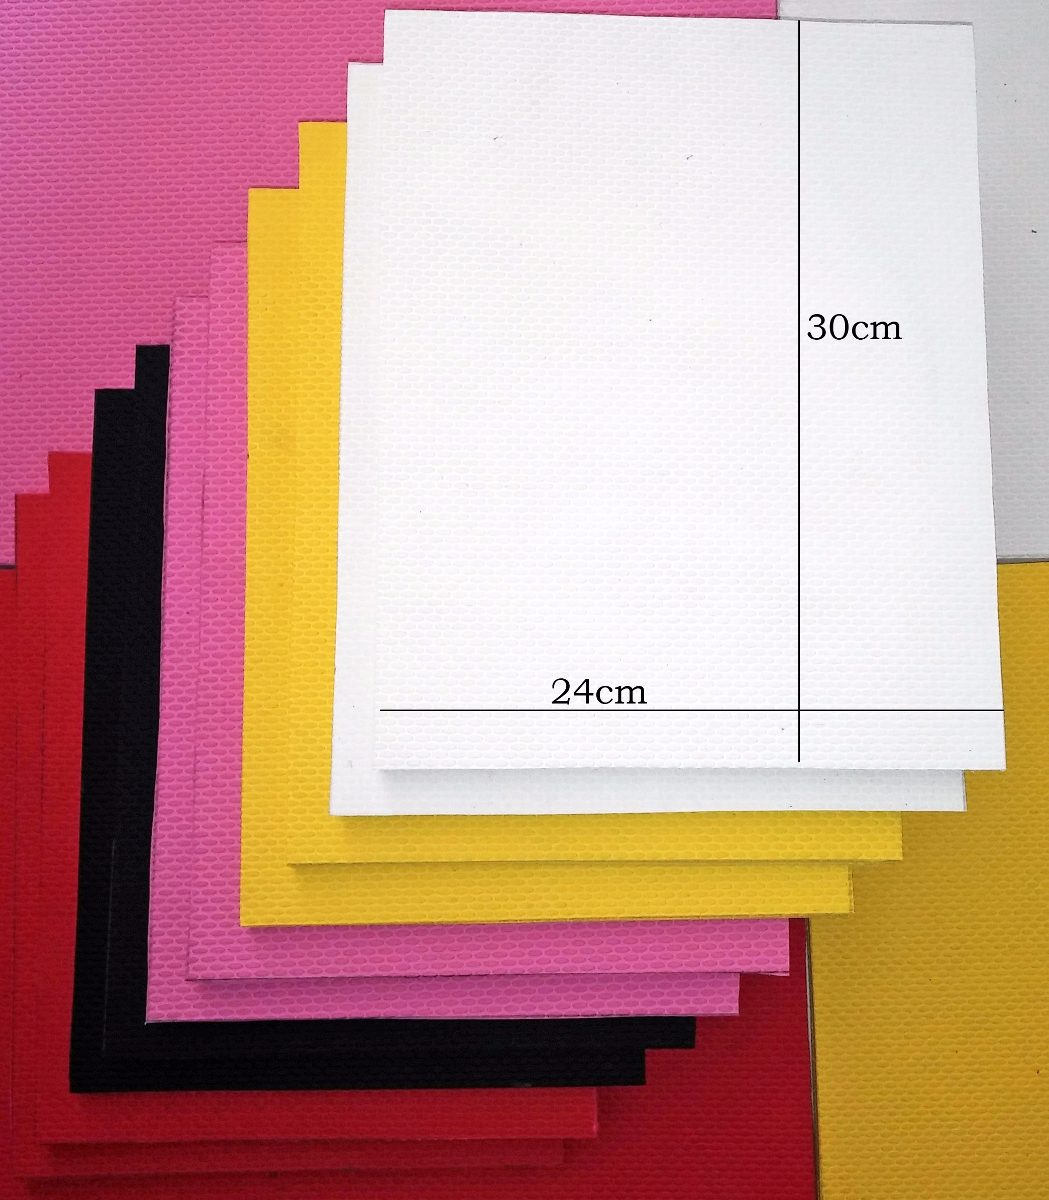 20 Placas De Borracha Para Chinelo 30x24cm - R  181,99 em Mercado Livre 9171309974